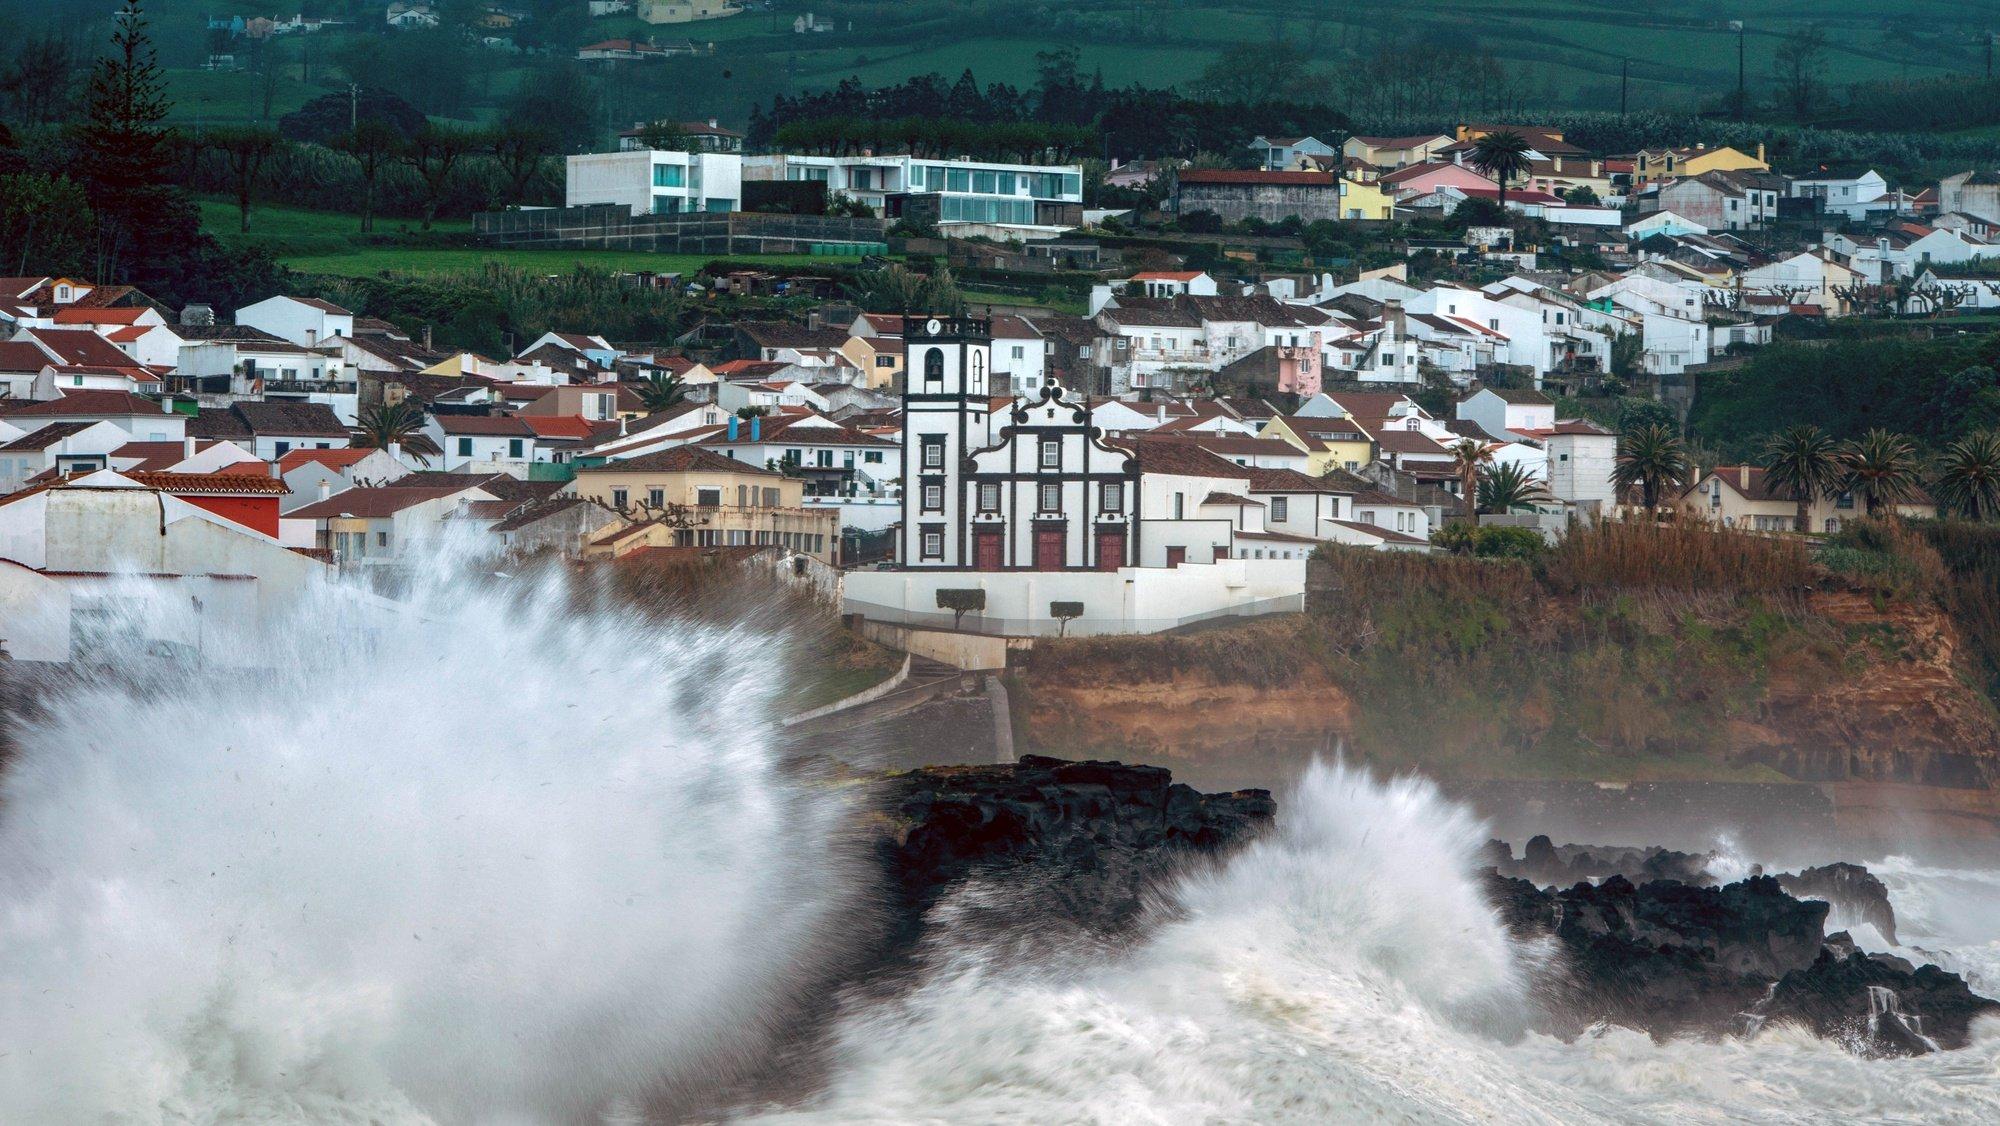 """A depressão LOLA começou a afetar os grupos Ocidental e Central dos Açores, mas """"o período mais crítico"""" é esperado na quinta-feira, informou o Instituto Português do Mar e da Atmosfera (IPMA), Ponta Delgada, Açores, 22 de abril de 2021. Num comunicado, a delegação dos Açores do IPMA adianta que a depressão deverá encontrar-se, na madrugada de quinta-feira, """"centrada a cerca de 300 quilómetros a norte/nordeste do Corvo"""", prevendo-se """"um aumento significativo da intensidade do vento, com rajadas entre 120 a 130 quilómetros por hora nos grupos Ocidental (Flores e Corvo) e Central (Terceira, Pico, São Jorge, Graciosa e Faial) e até 100 quilómetros por hora no grupo Oriental (São Miguel e Santa Maria). EDUARDO COSTA /LUSA"""